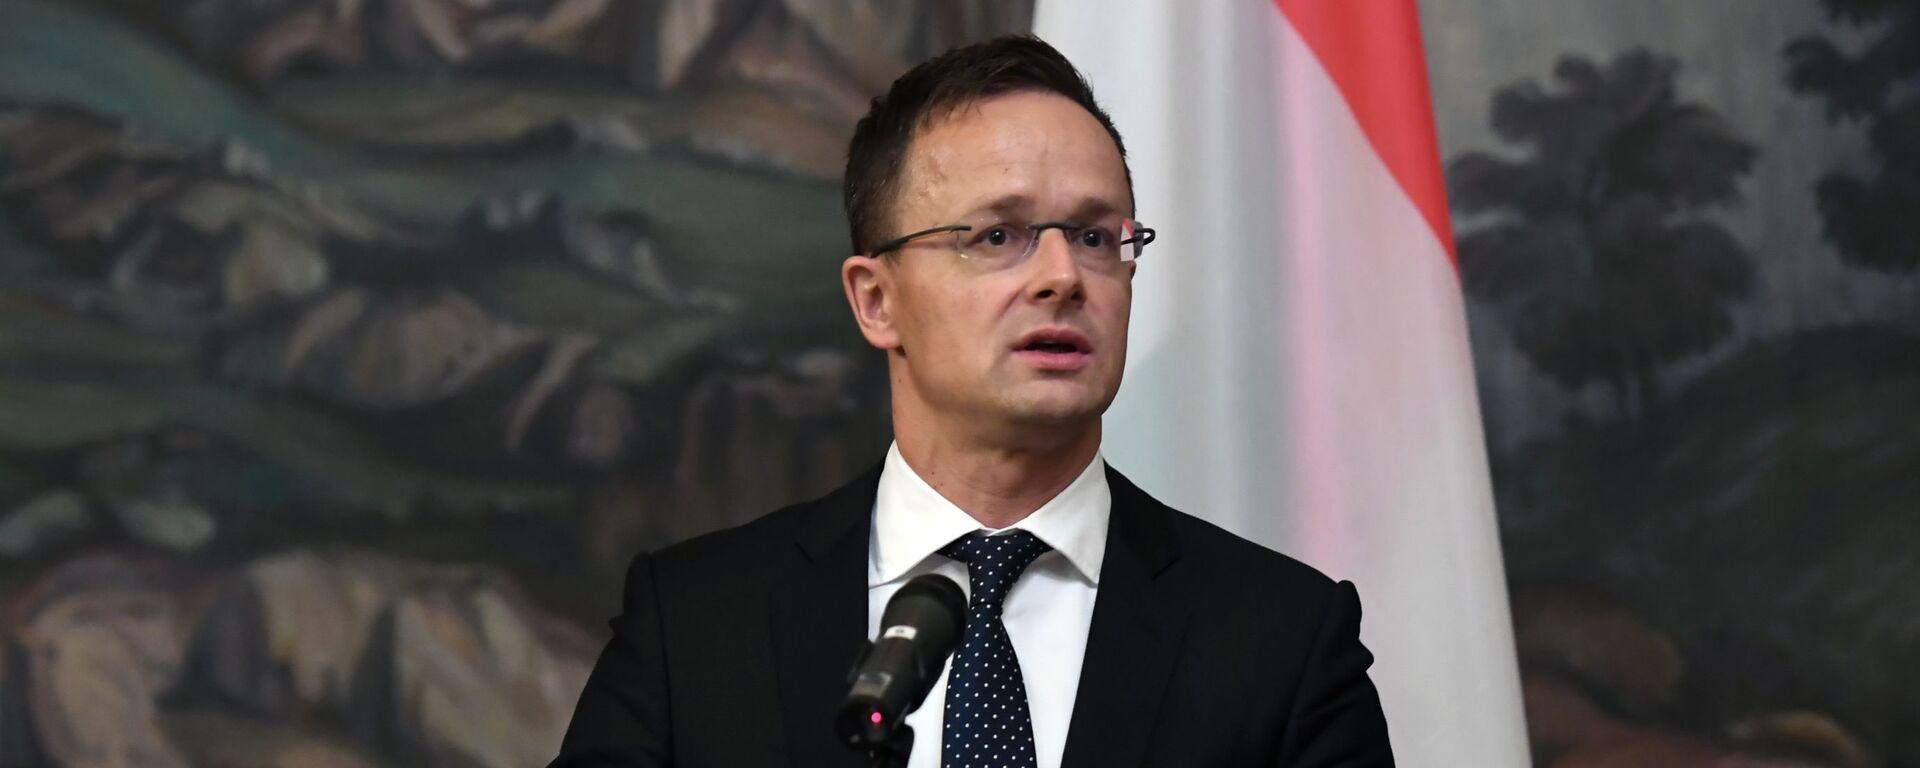 Министар спољних послова Мађарске Петер Сијарто - Sputnik Србија, 1920, 02.12.2019